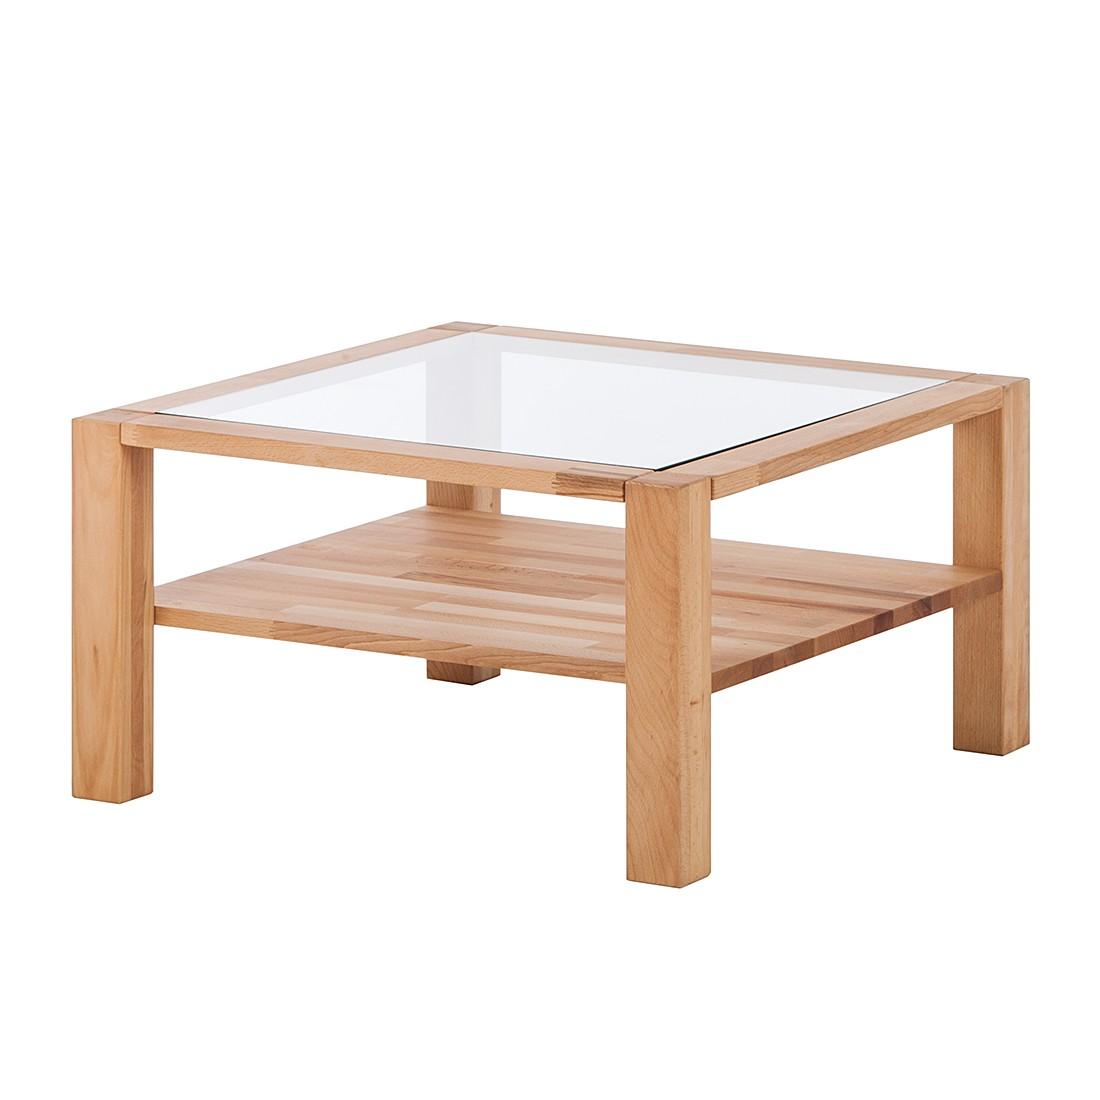 couchtisch richwood i buche massiv ge lt beistelltisch couch tisch sofatisch. Black Bedroom Furniture Sets. Home Design Ideas